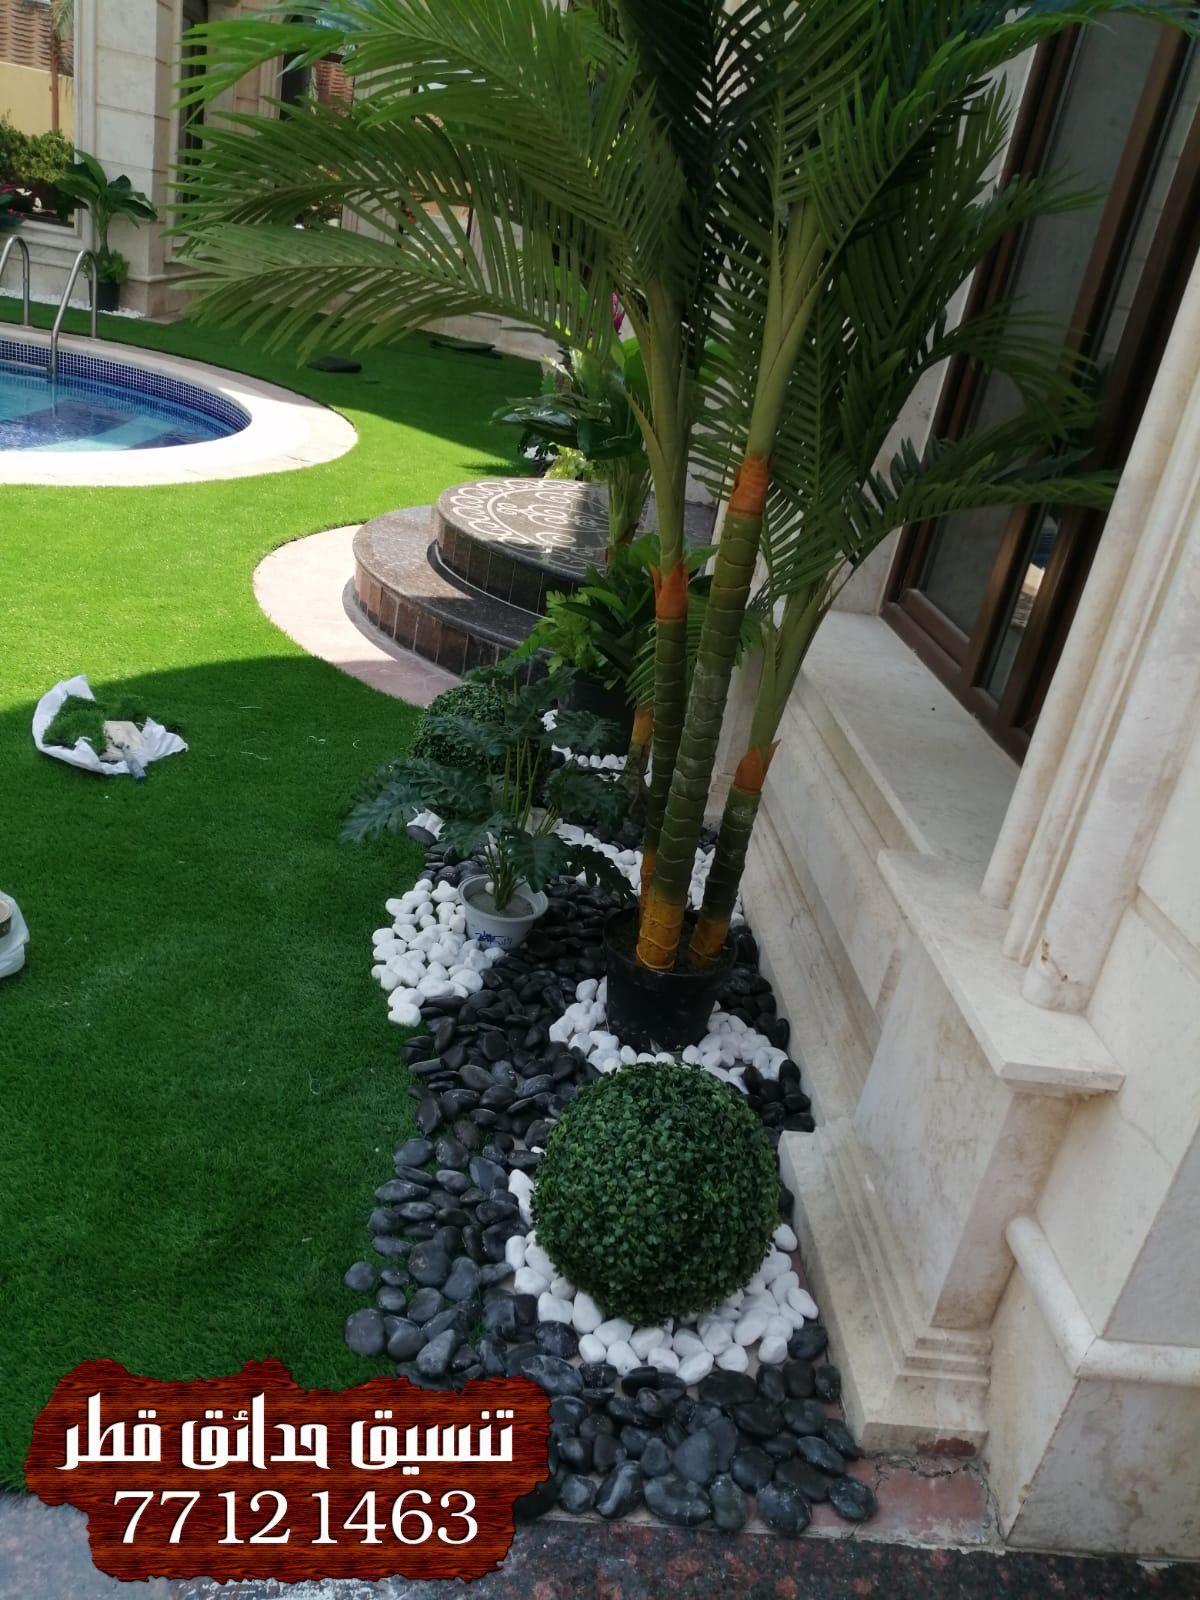 افكار تصميم حديقة منزلية قطر افكار تنسيق حدائق افكار تنسيق حدائق منزليه افكار تجميل حدائق منزلية Outdoor Decor Outdoor Instagram